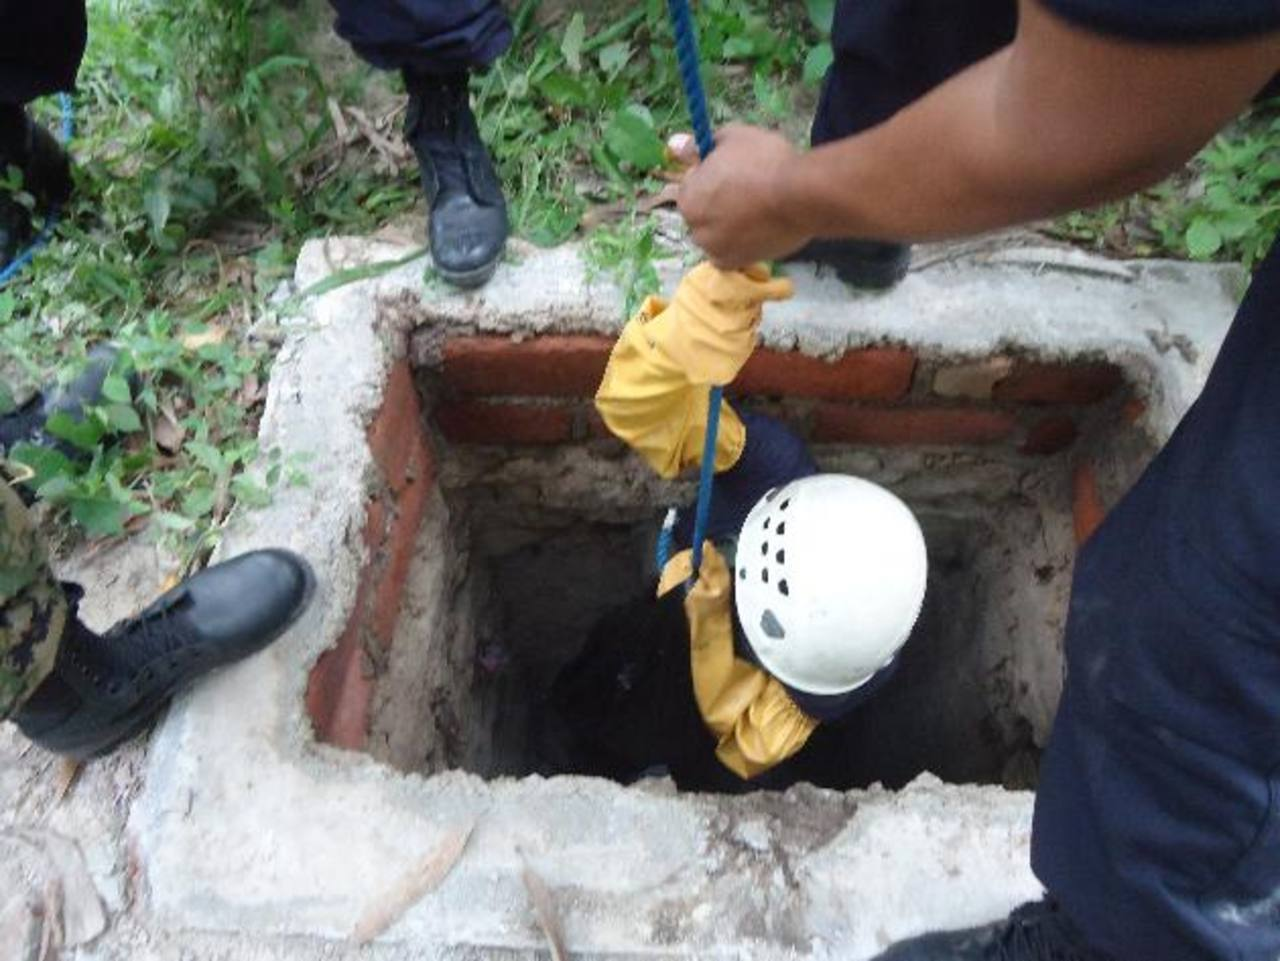 Mueren dos hombres en La Paz al intentar recuperar celular caído en fosa séptica